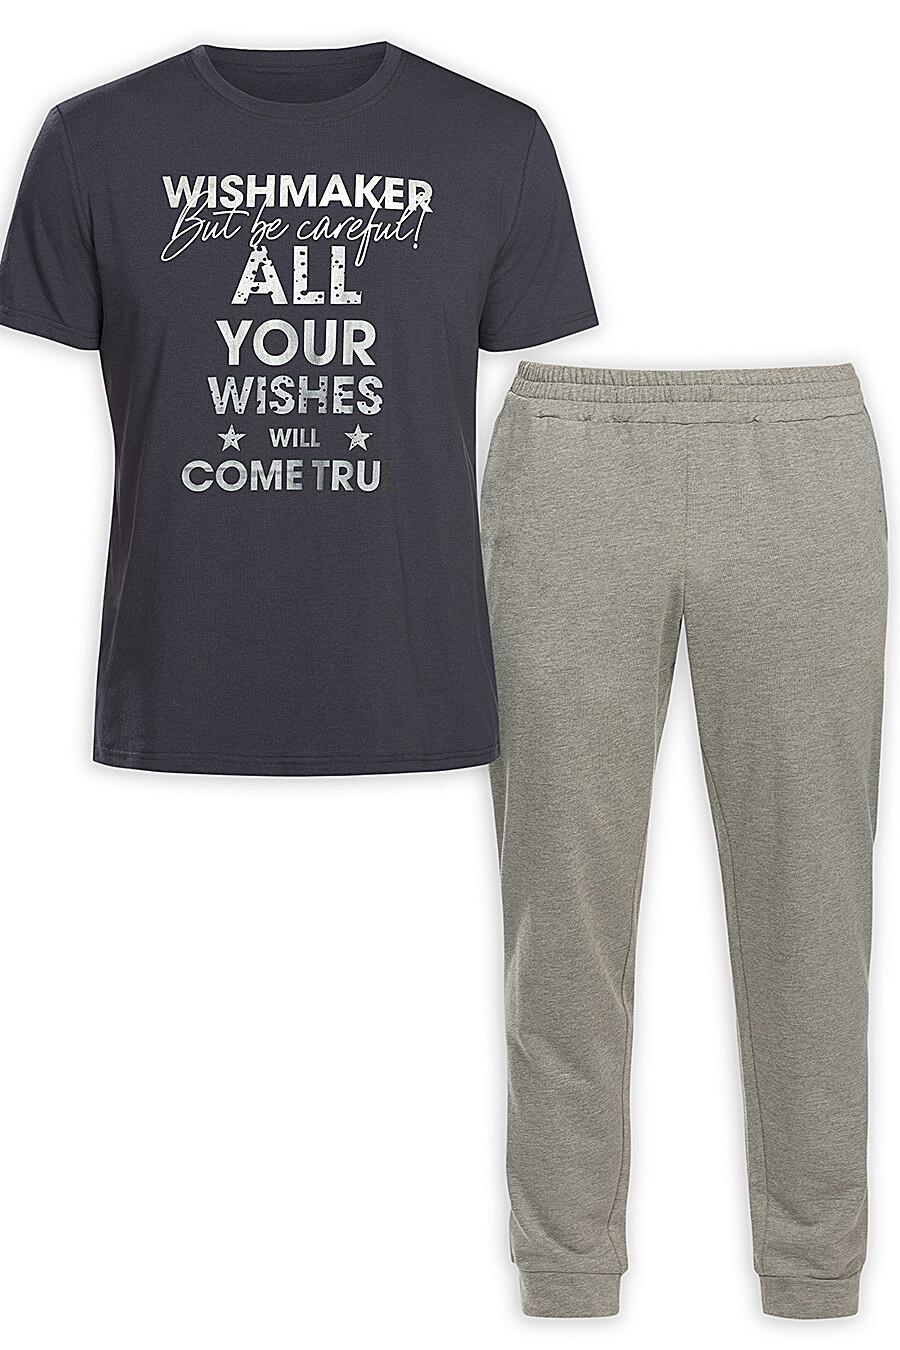 Комплект для мужчин PELICAN 161495 купить оптом от производителя. Совместная покупка мужской одежды в OptMoyo